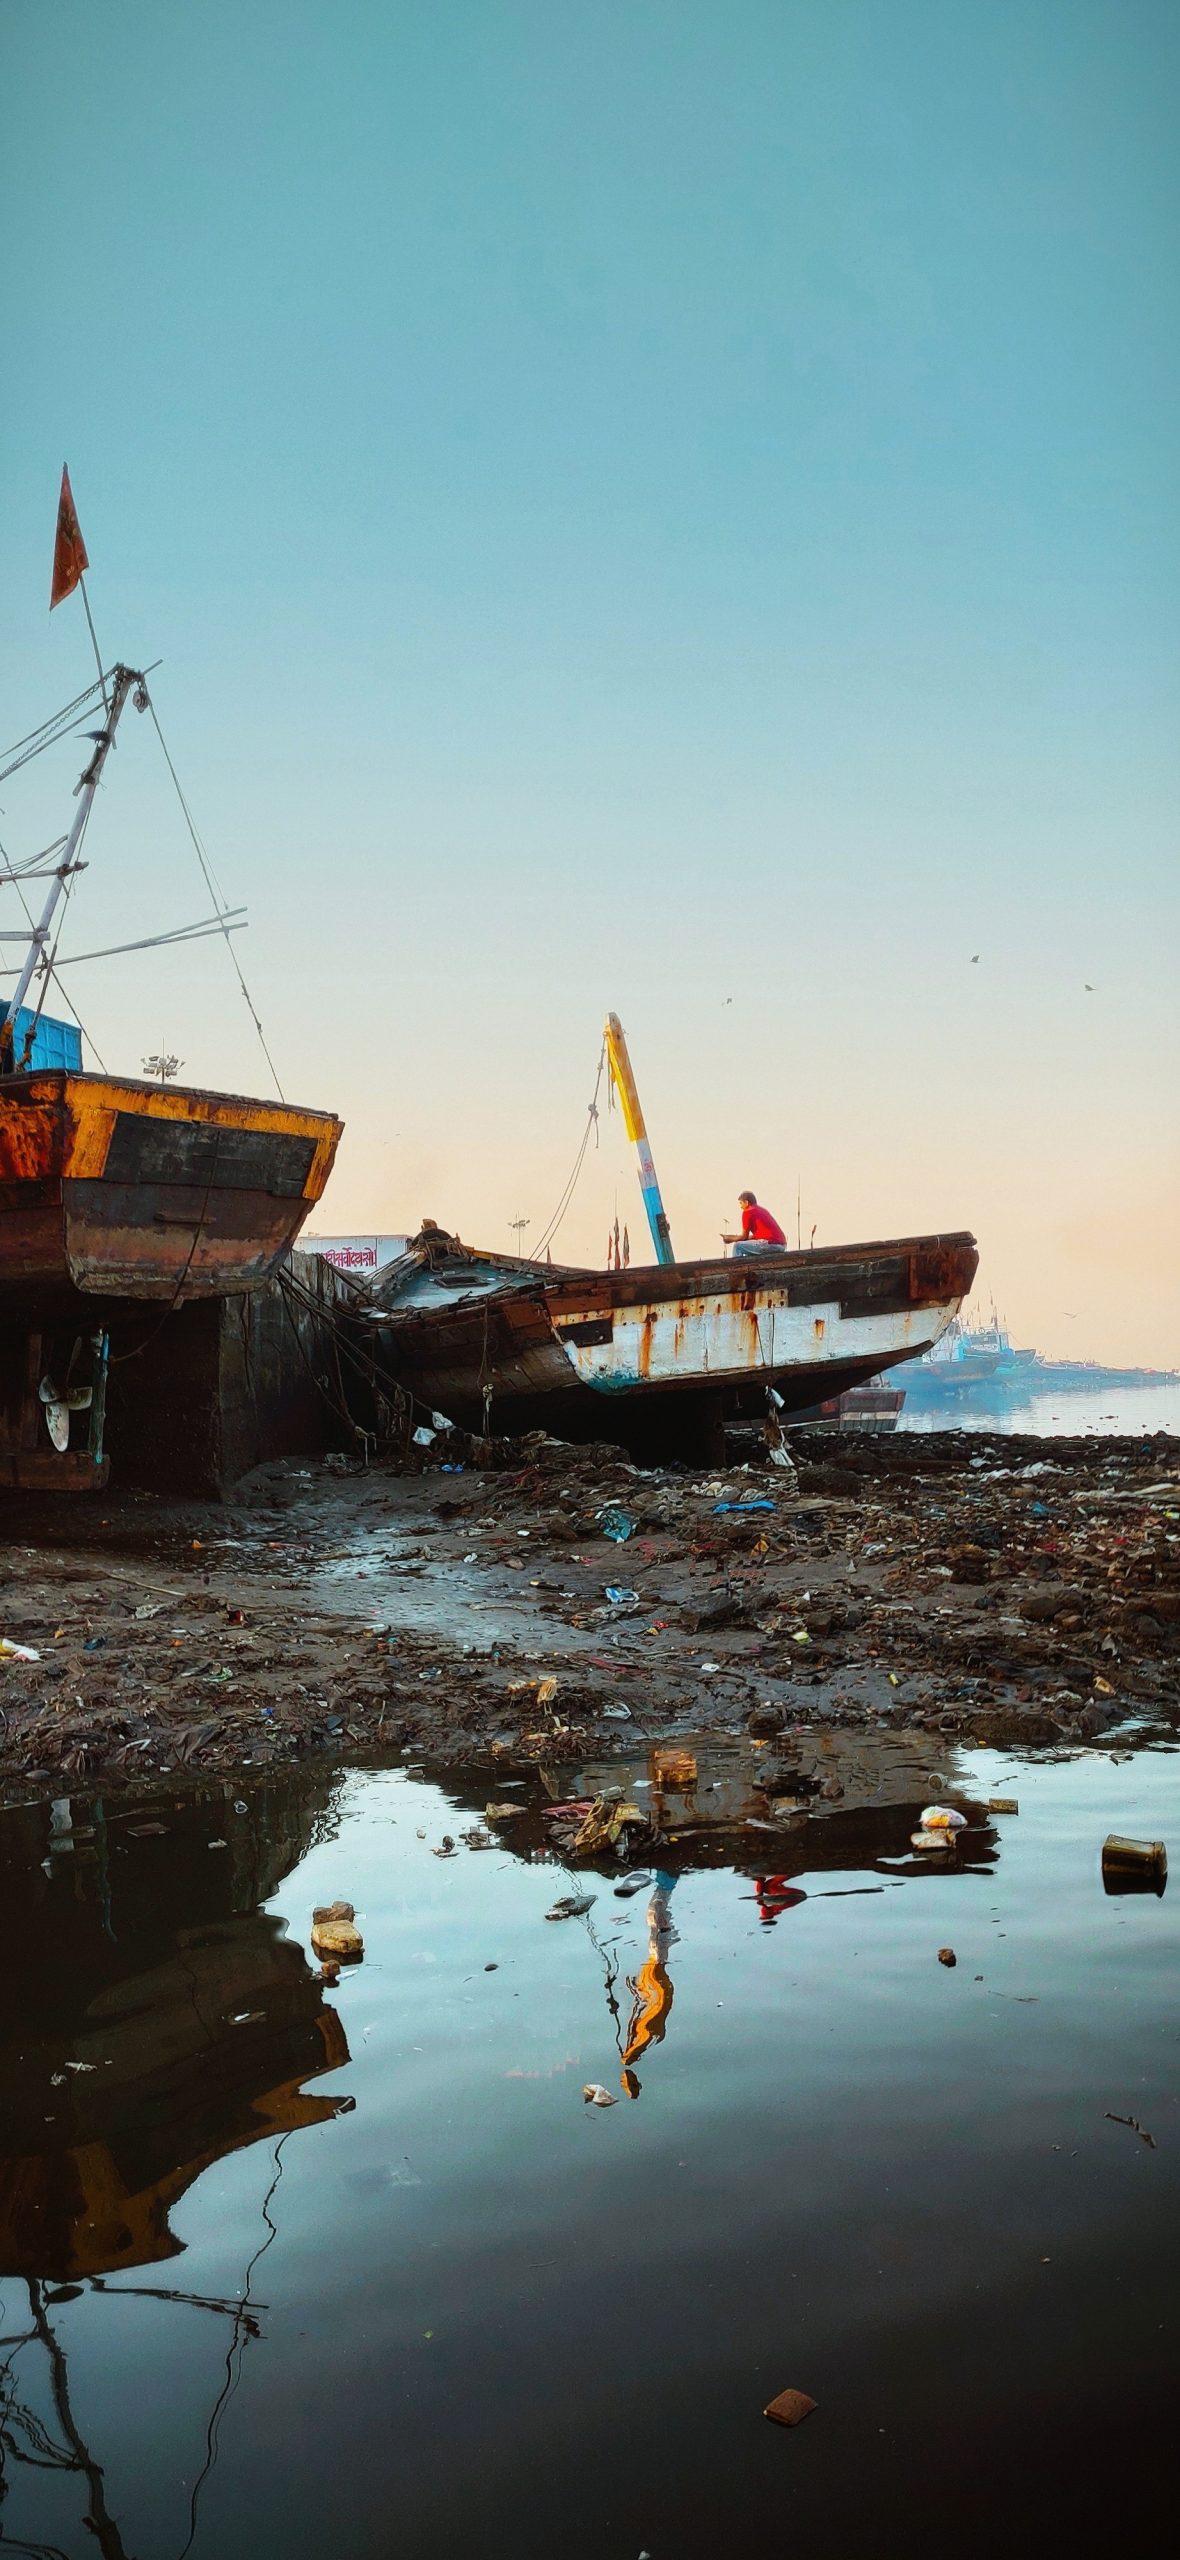 Boat at sea at shore